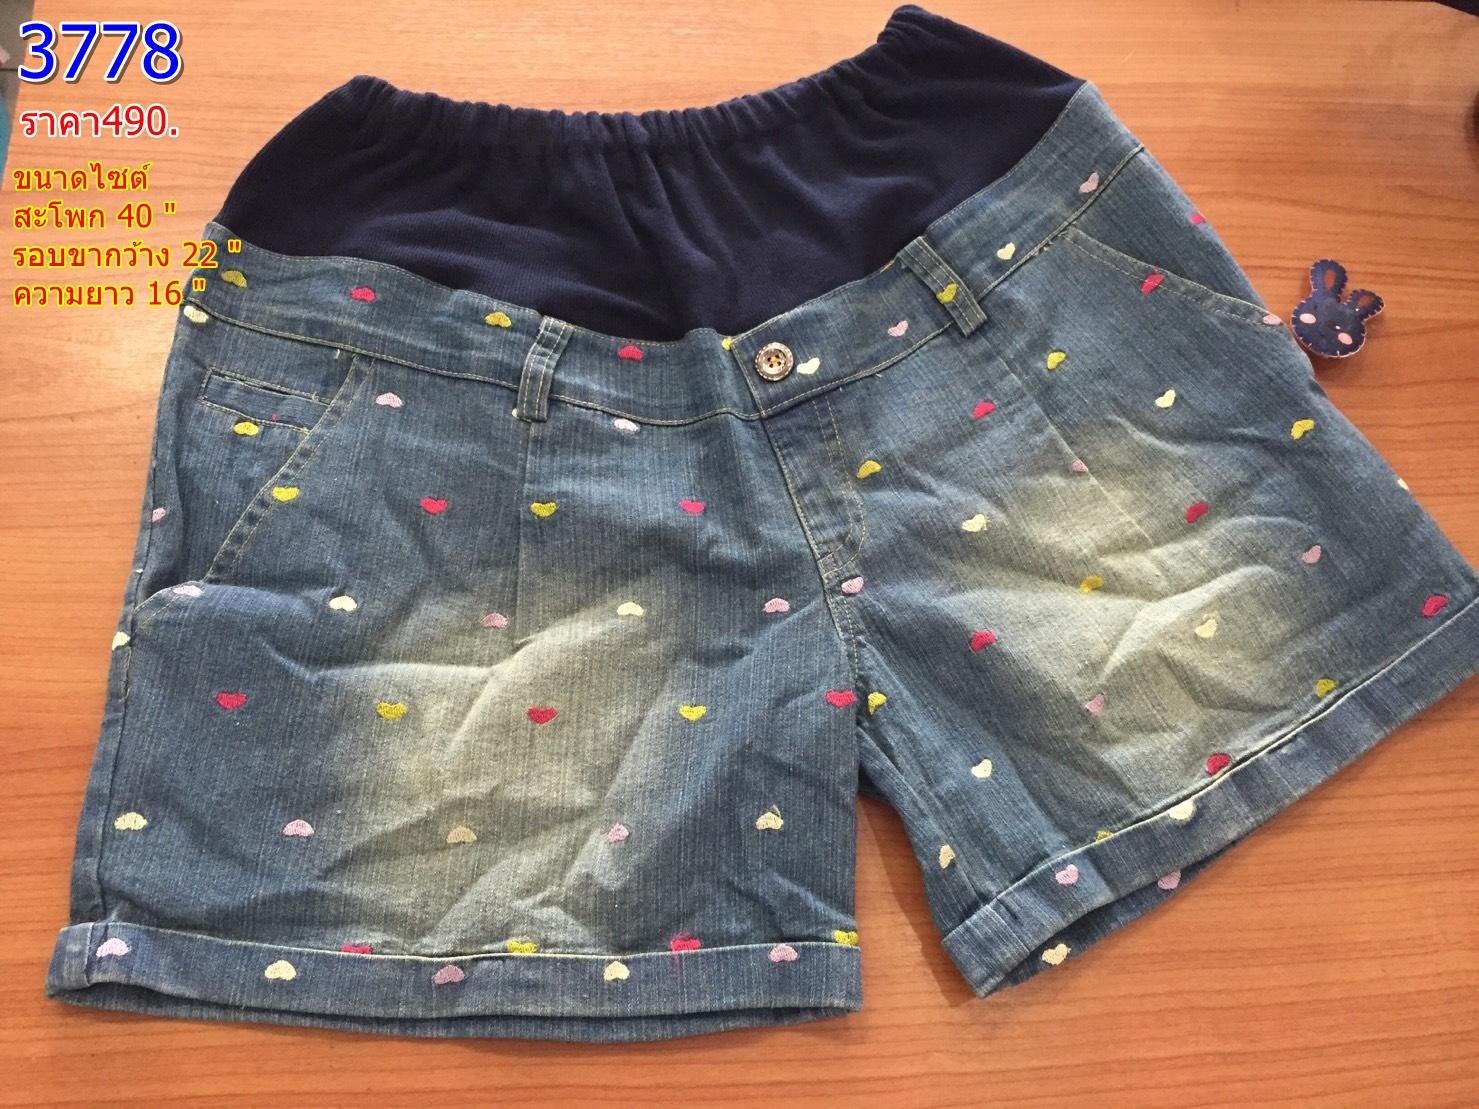 #กางเกงยีนส์ขาสั้นสีอ่อน ปักลายหัวใจ มีผ้ารองหน้าท้อง มีสายปรับที่เอว